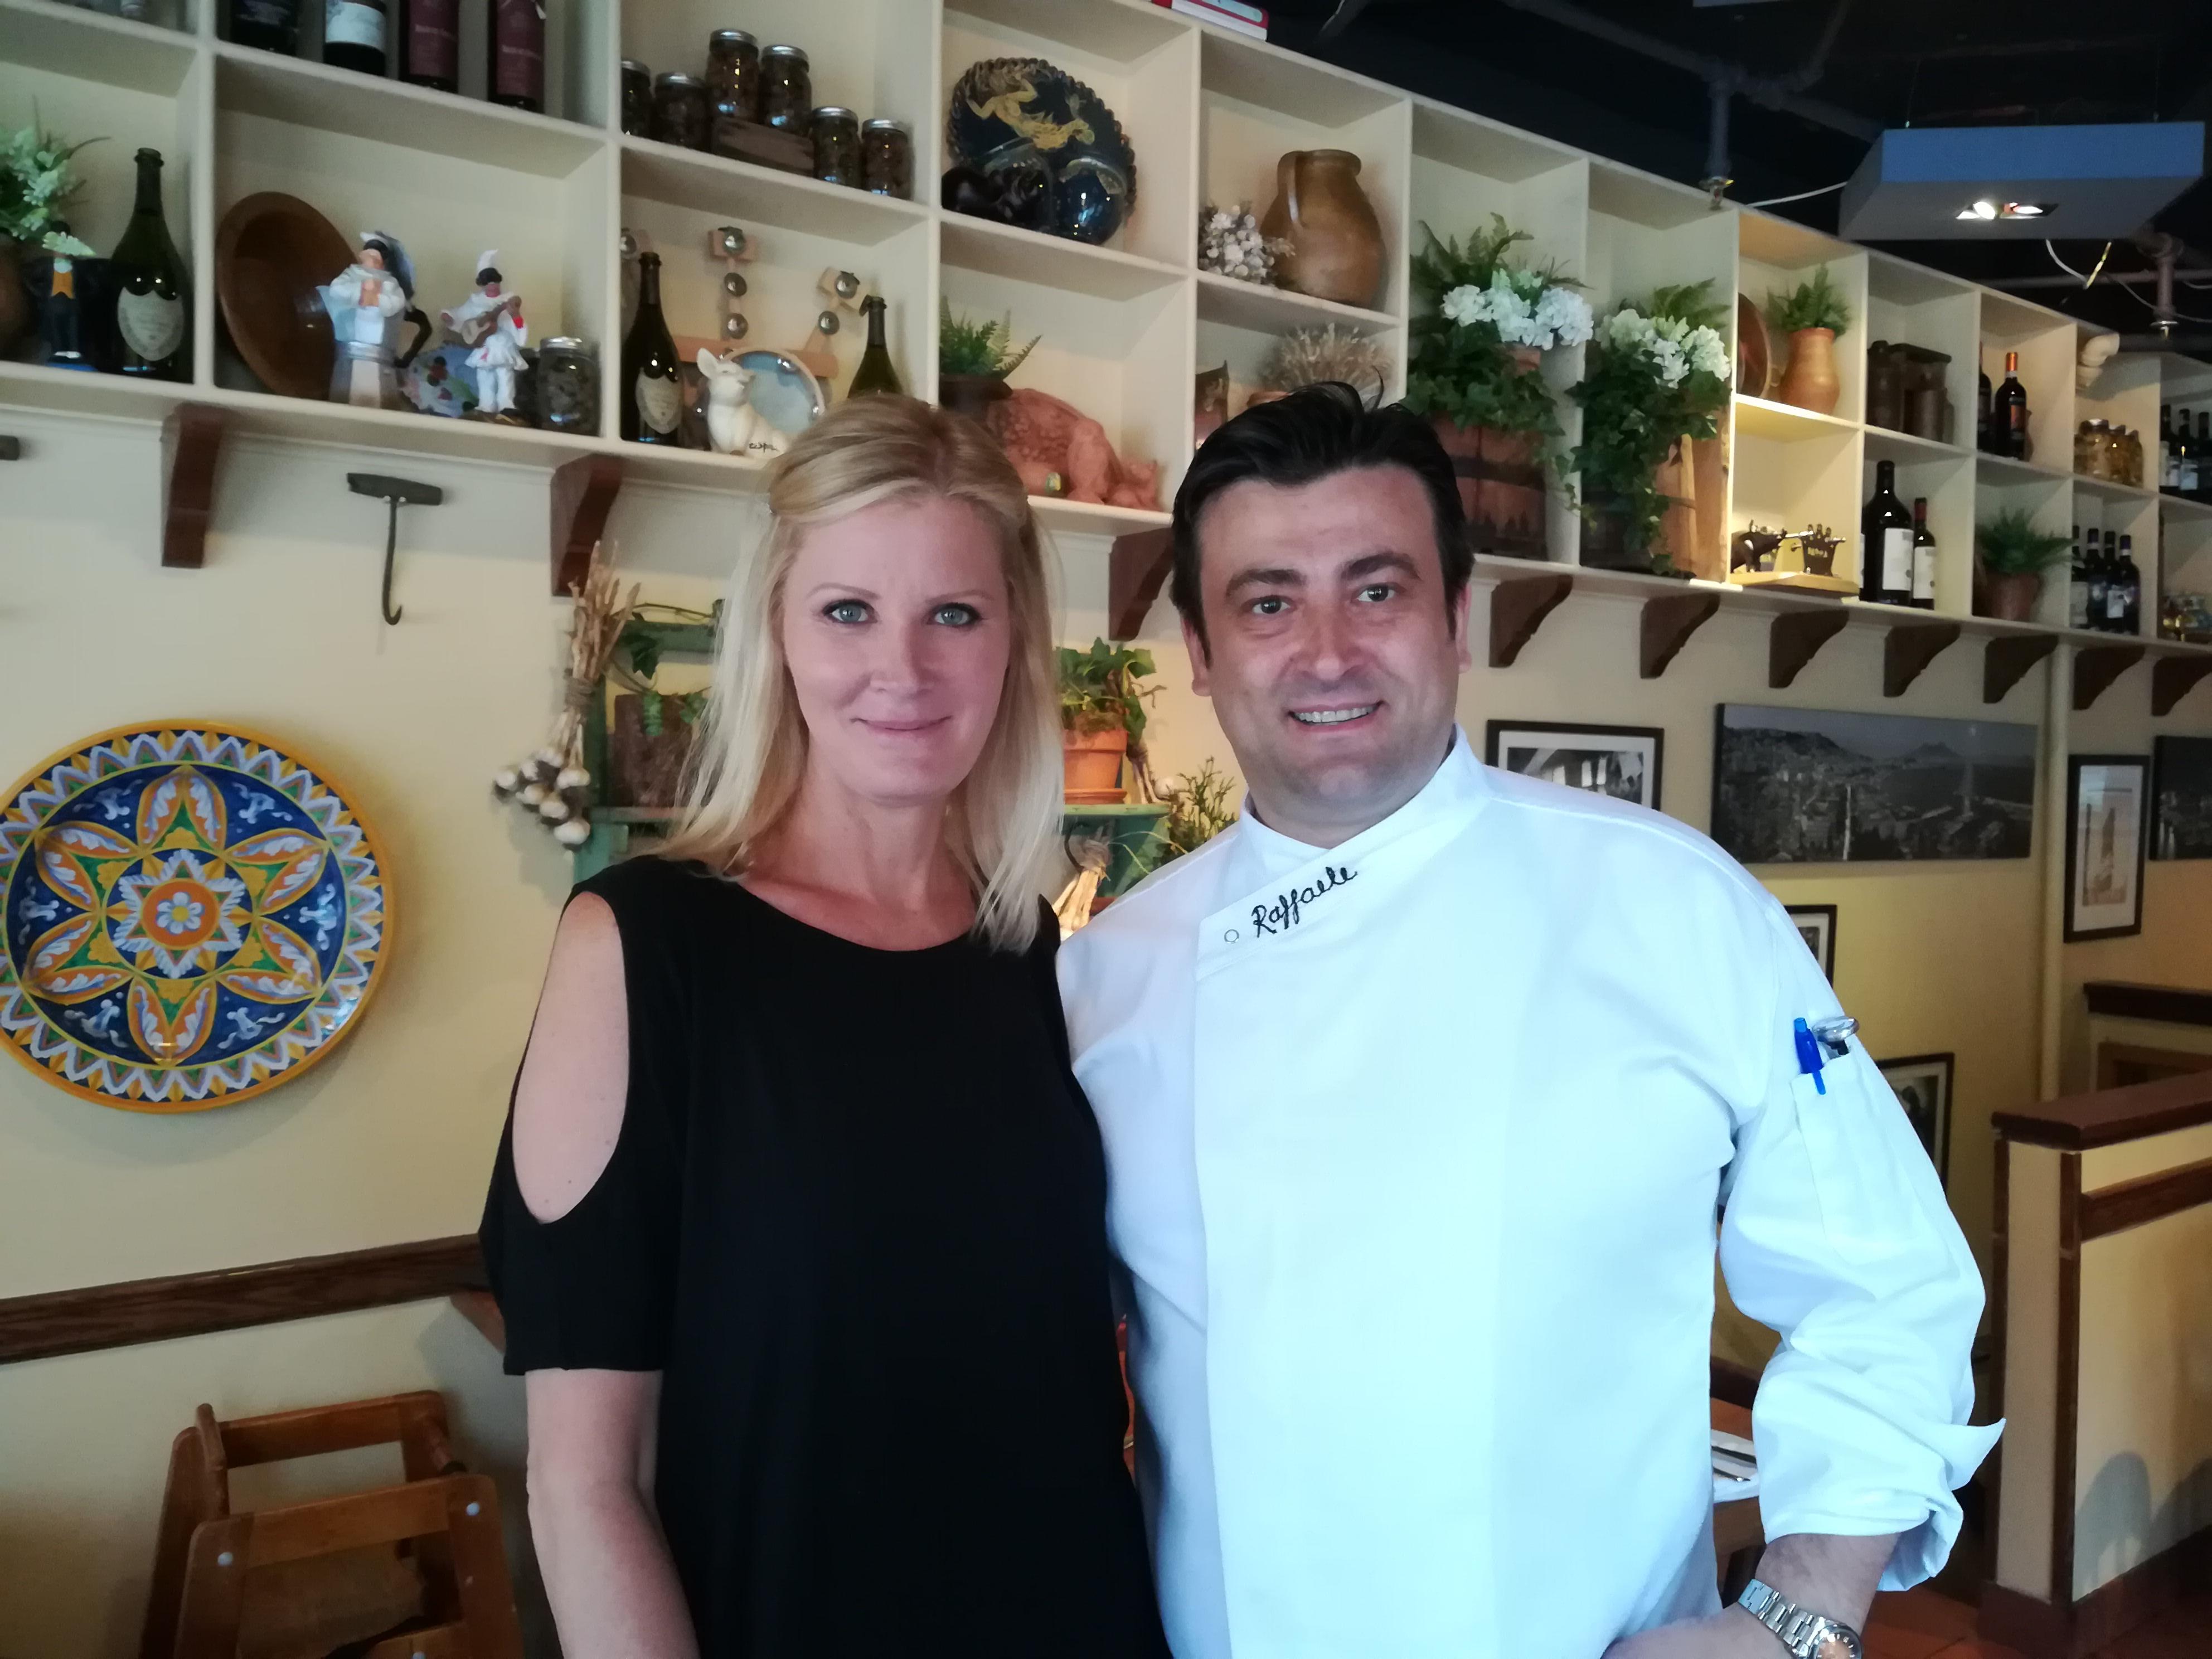 Programmi Tv Di Cucina Americani cucina italo-americana: due chef a confronto, sandra lee e